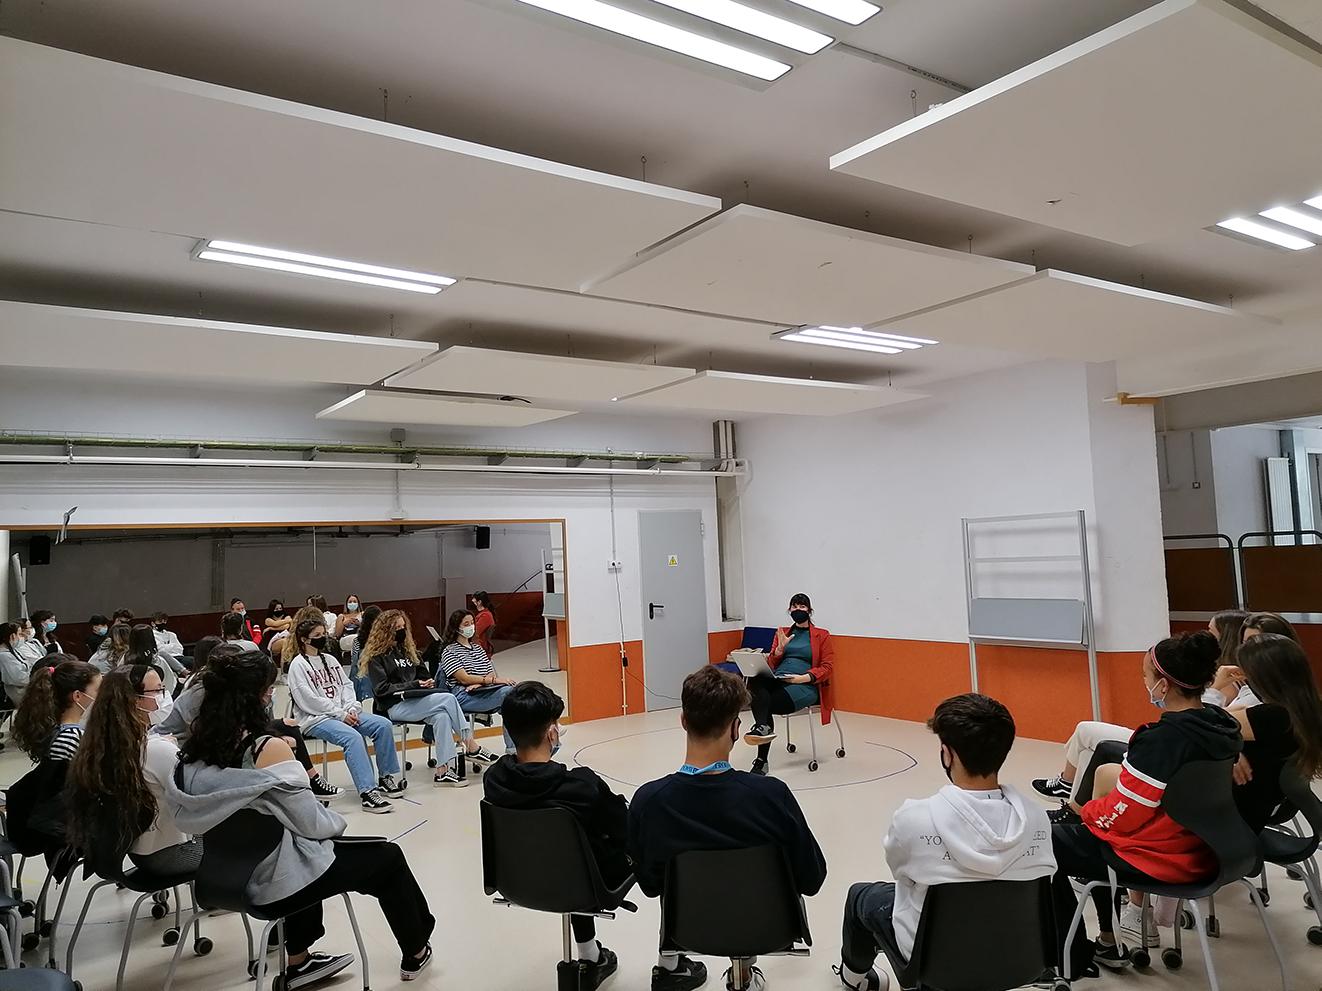 VII Congrés de Treball de Recerca i XVI Premi Fundació Escoles Garbí de Treball de Recerca